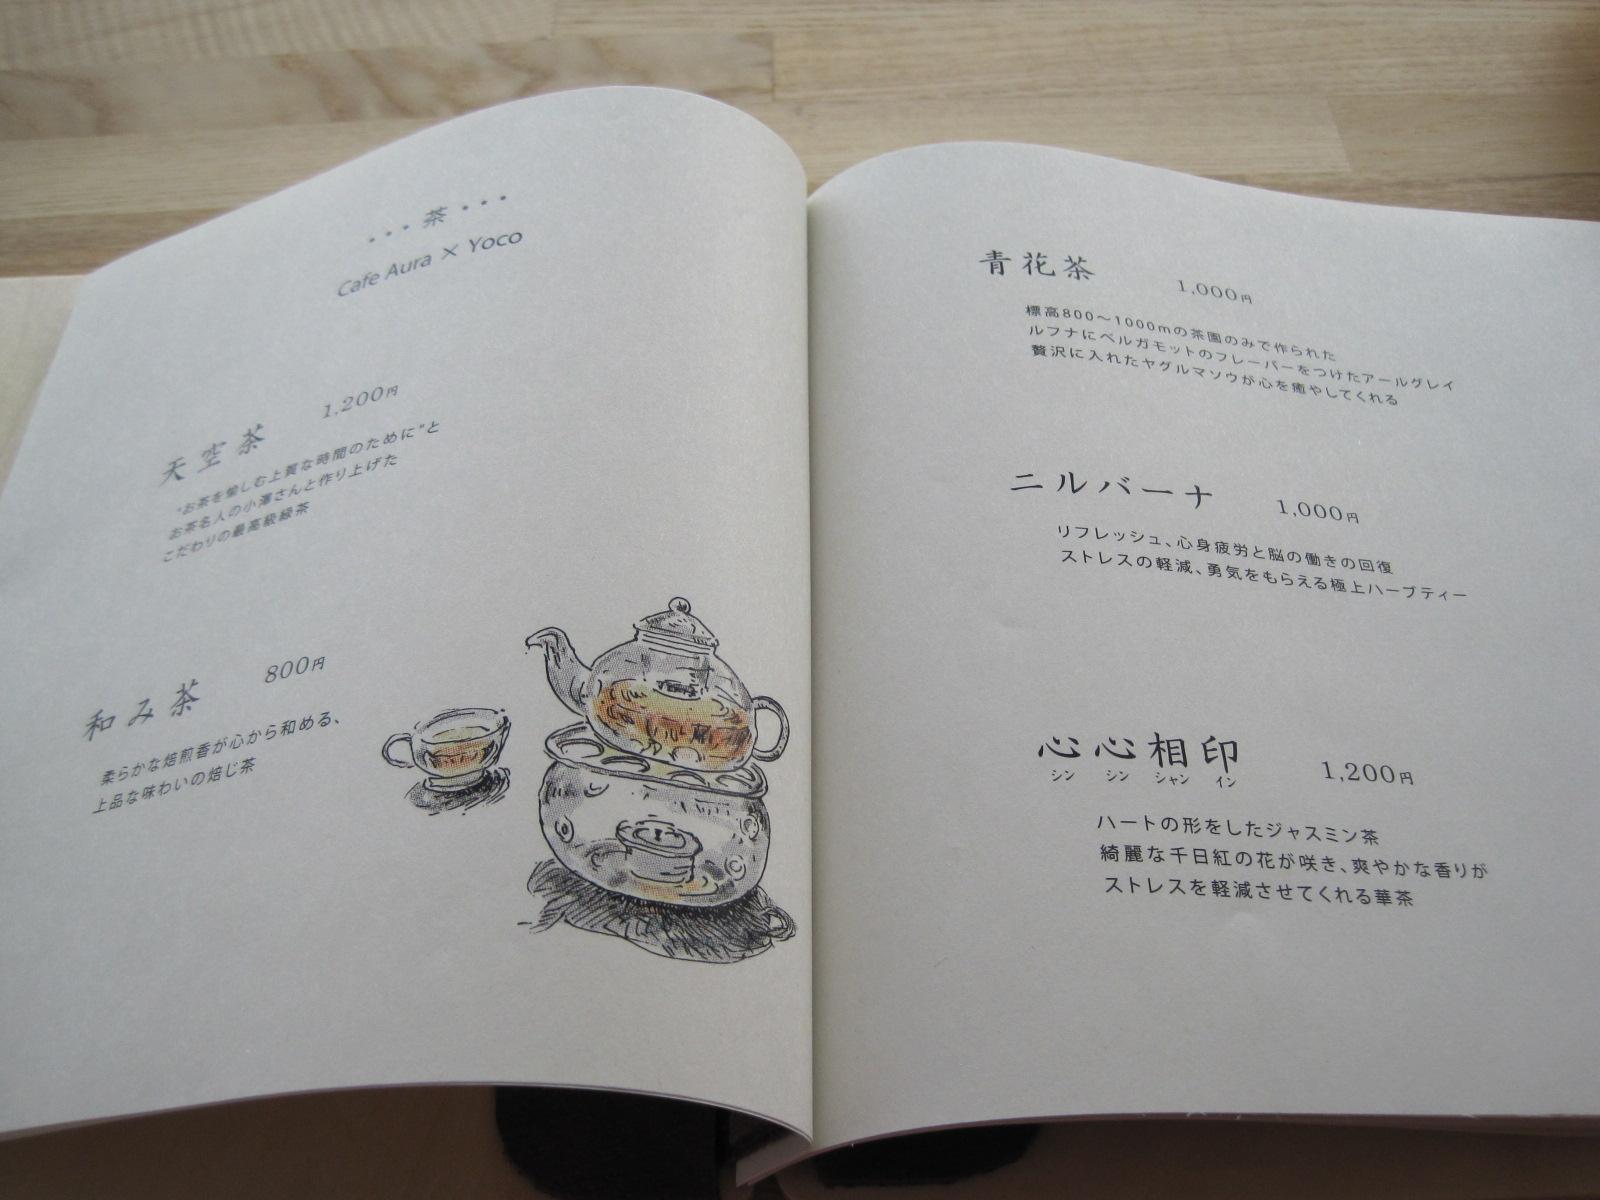 天空のカフェ・アウラ~Cafe Aura <閉店>_f0236260_14185095.jpg